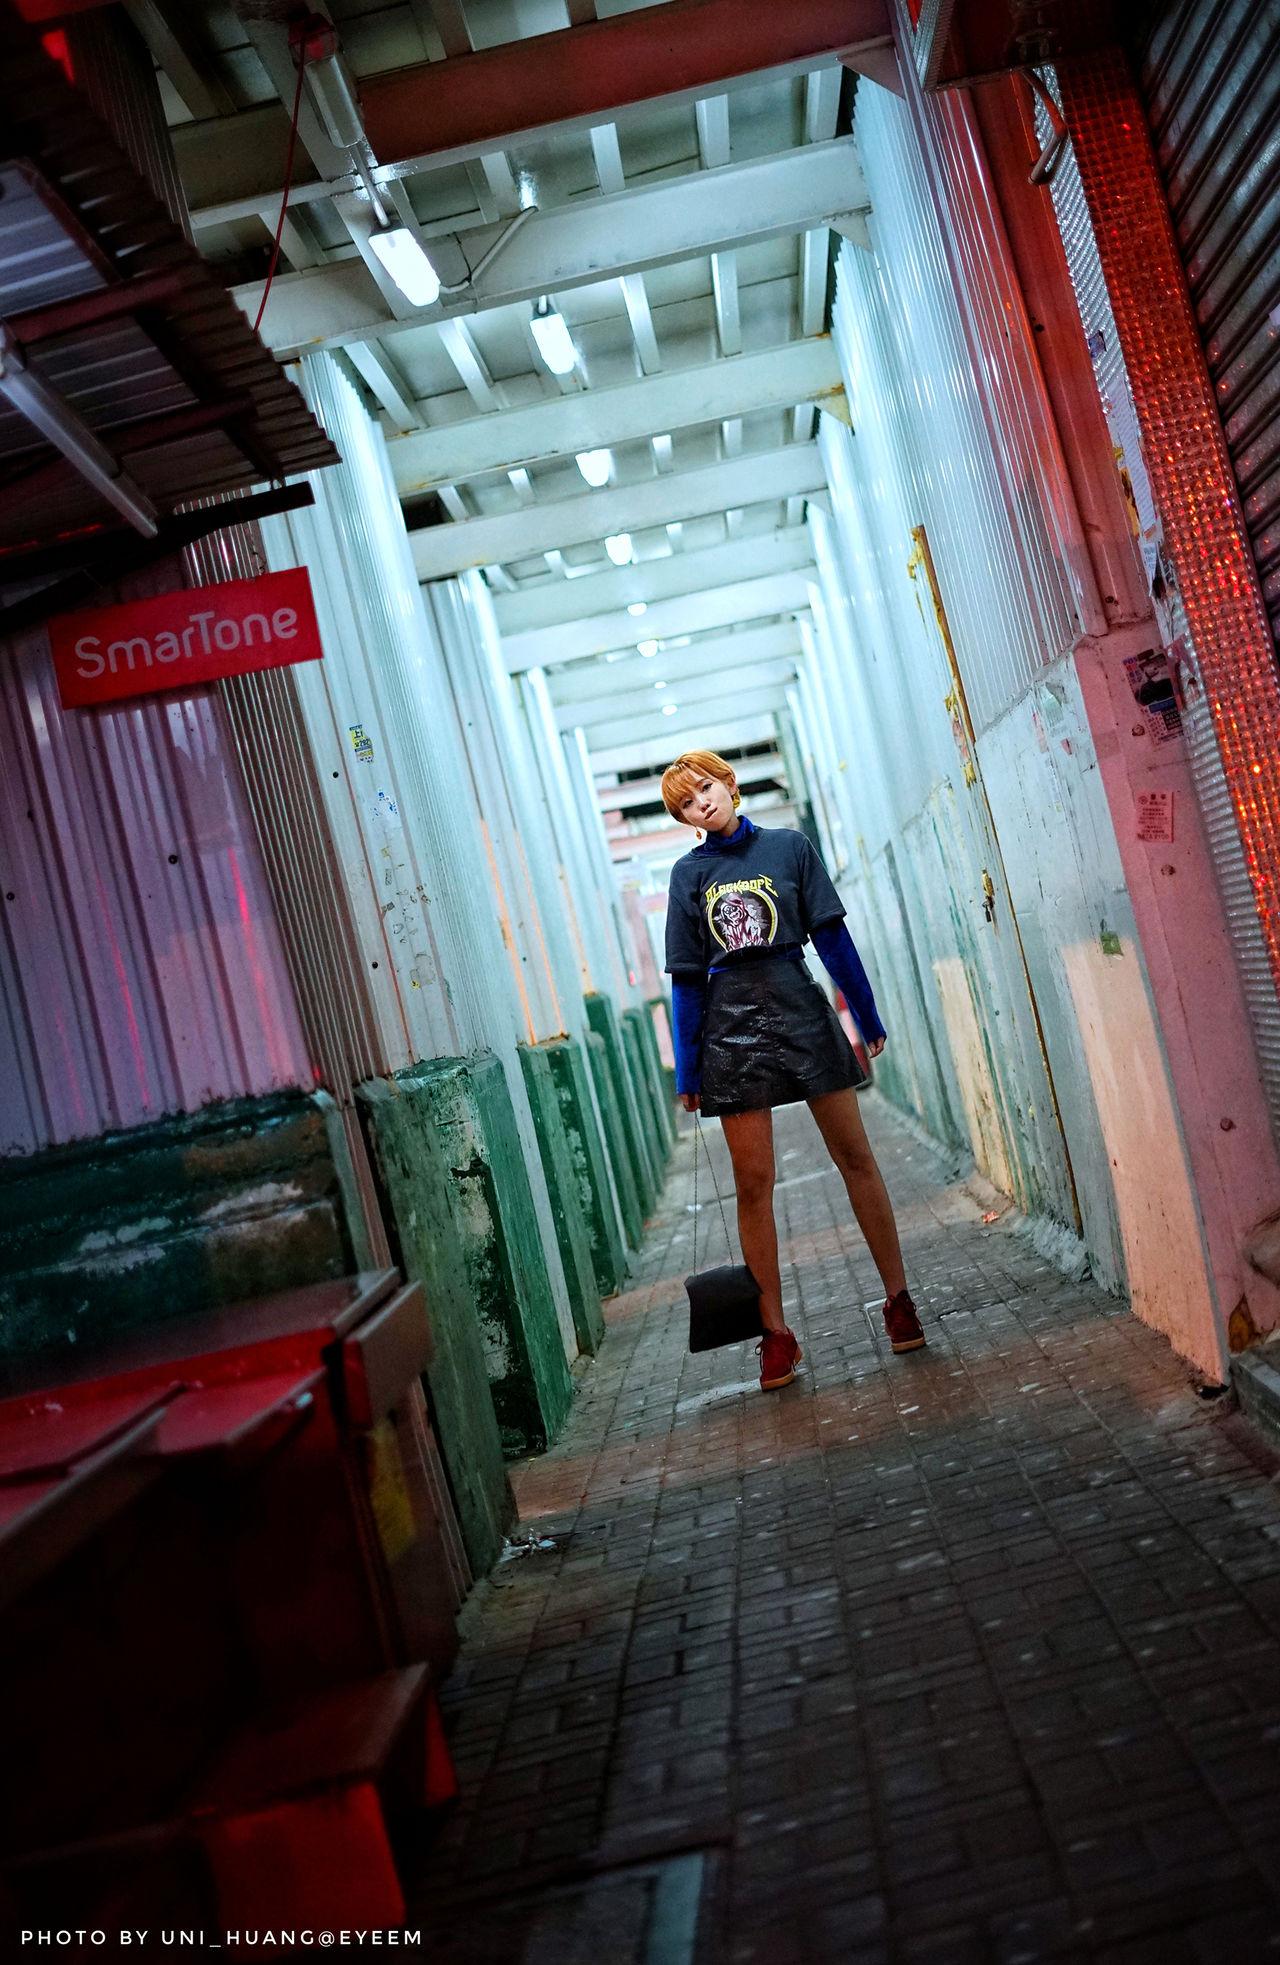 One Woman Only Night HongKong Hongkongphotography Hongkong Style Travel Young Adult Vacations Hongkongstreet